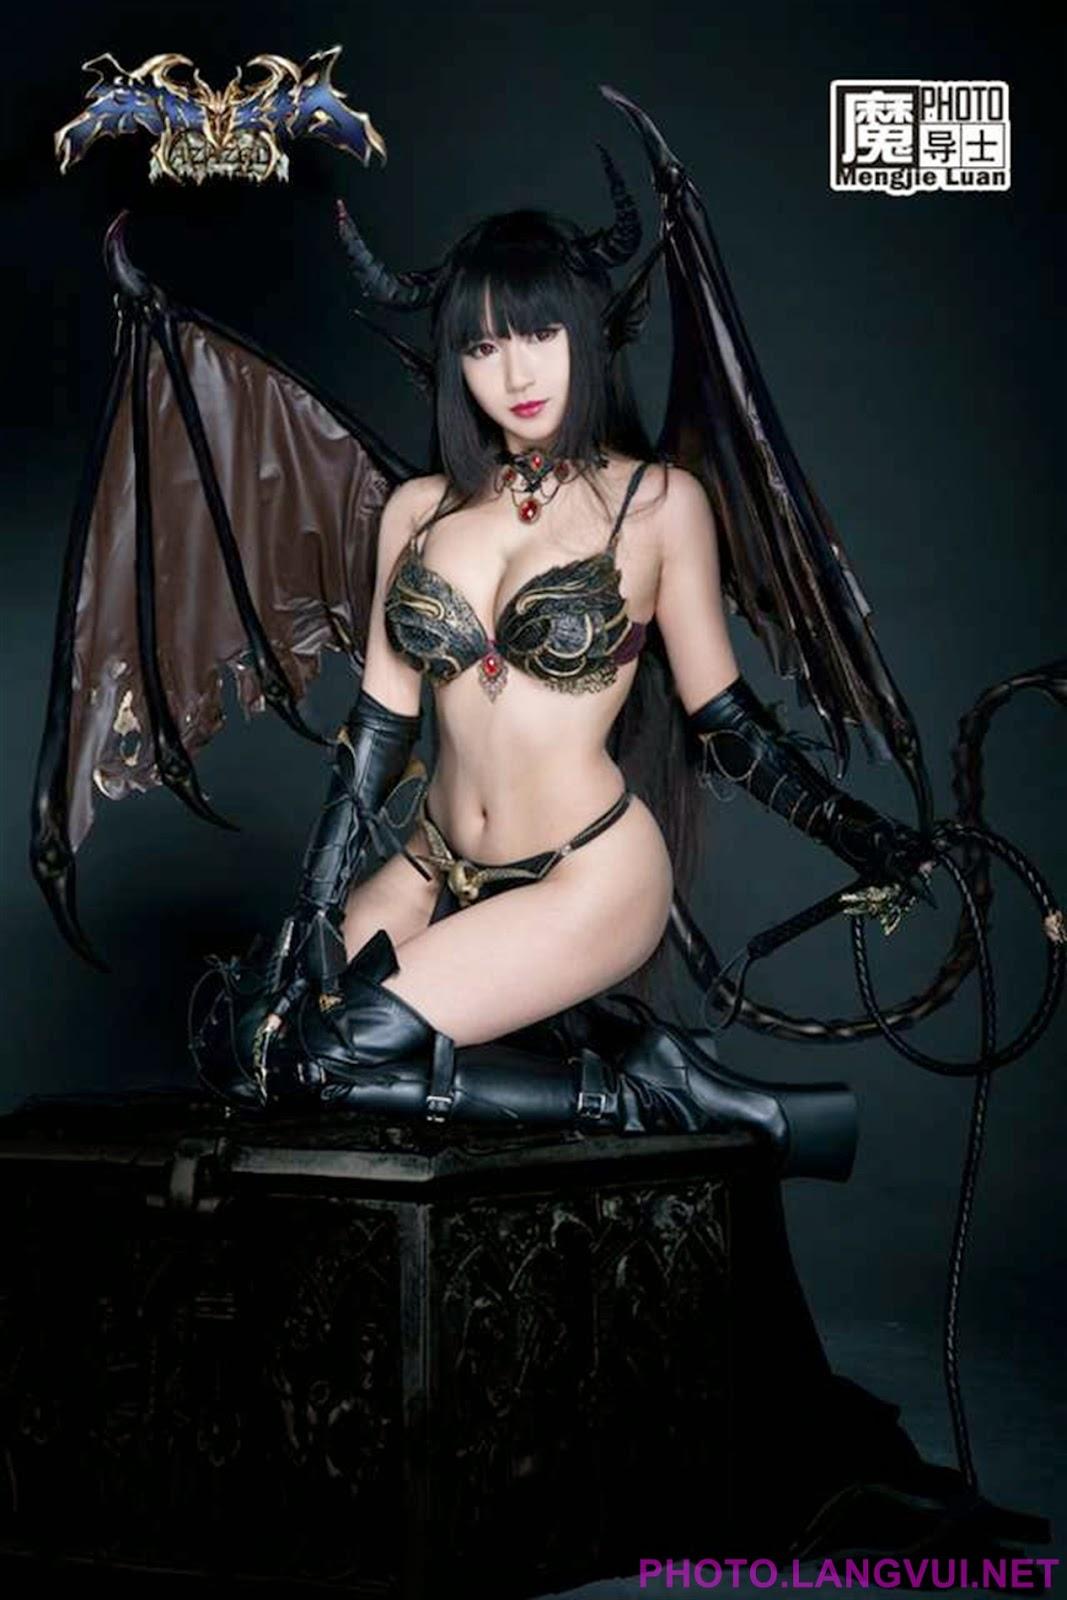 Succubus cosplay nude scene